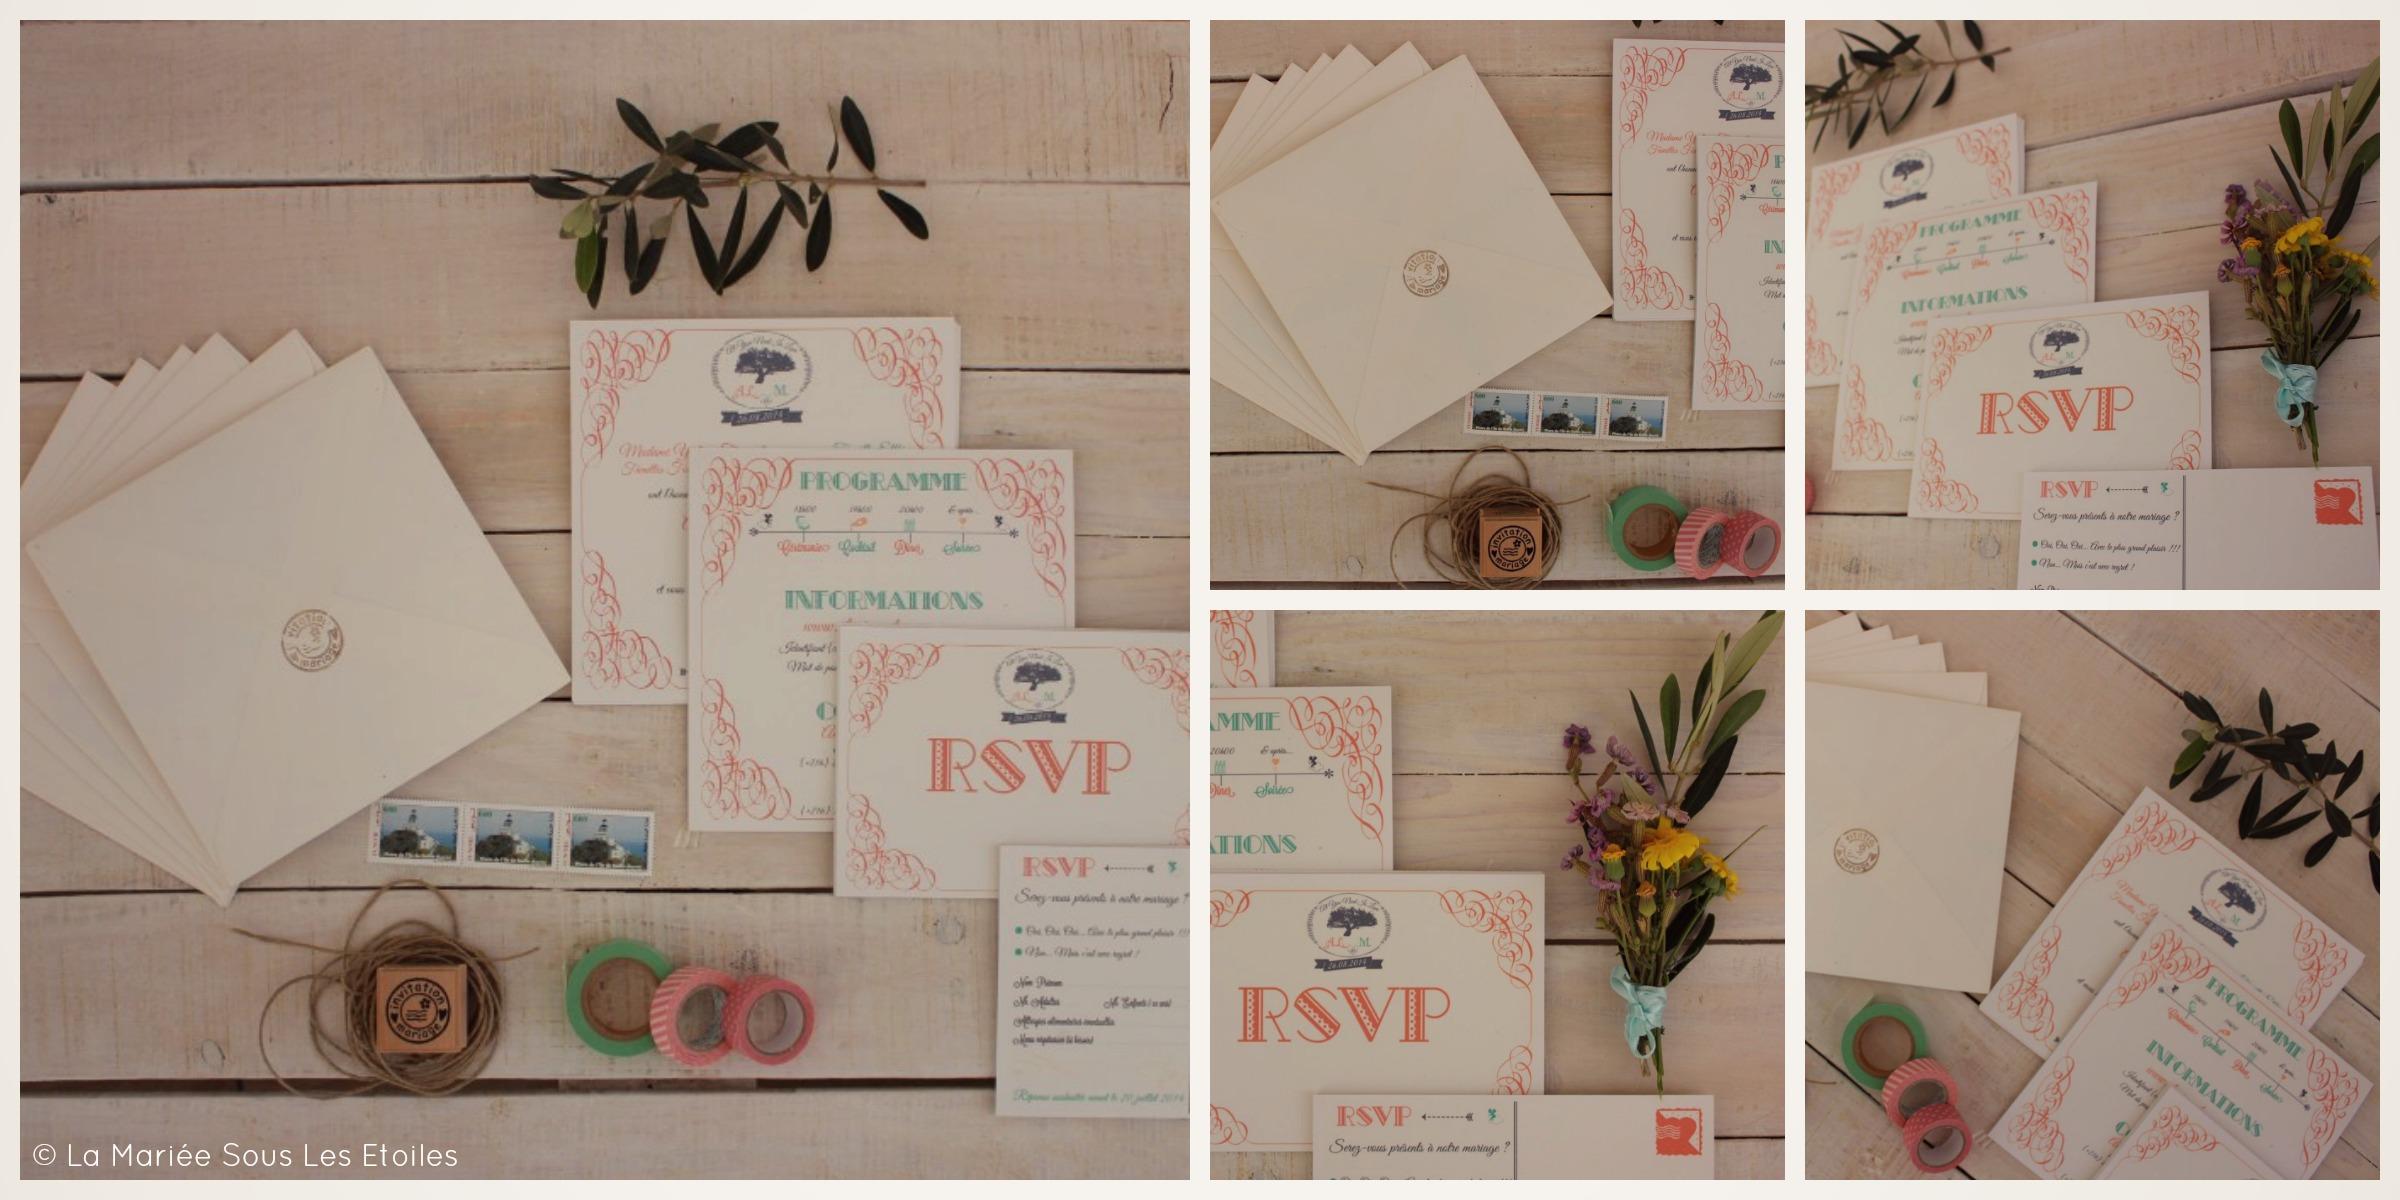 Jolie Papeterie Mariage Nuances Pastel & Esprit Bohème | Invitations Mariage & Cartons RSVP présentés par La Mariée Sous Les Etoiles